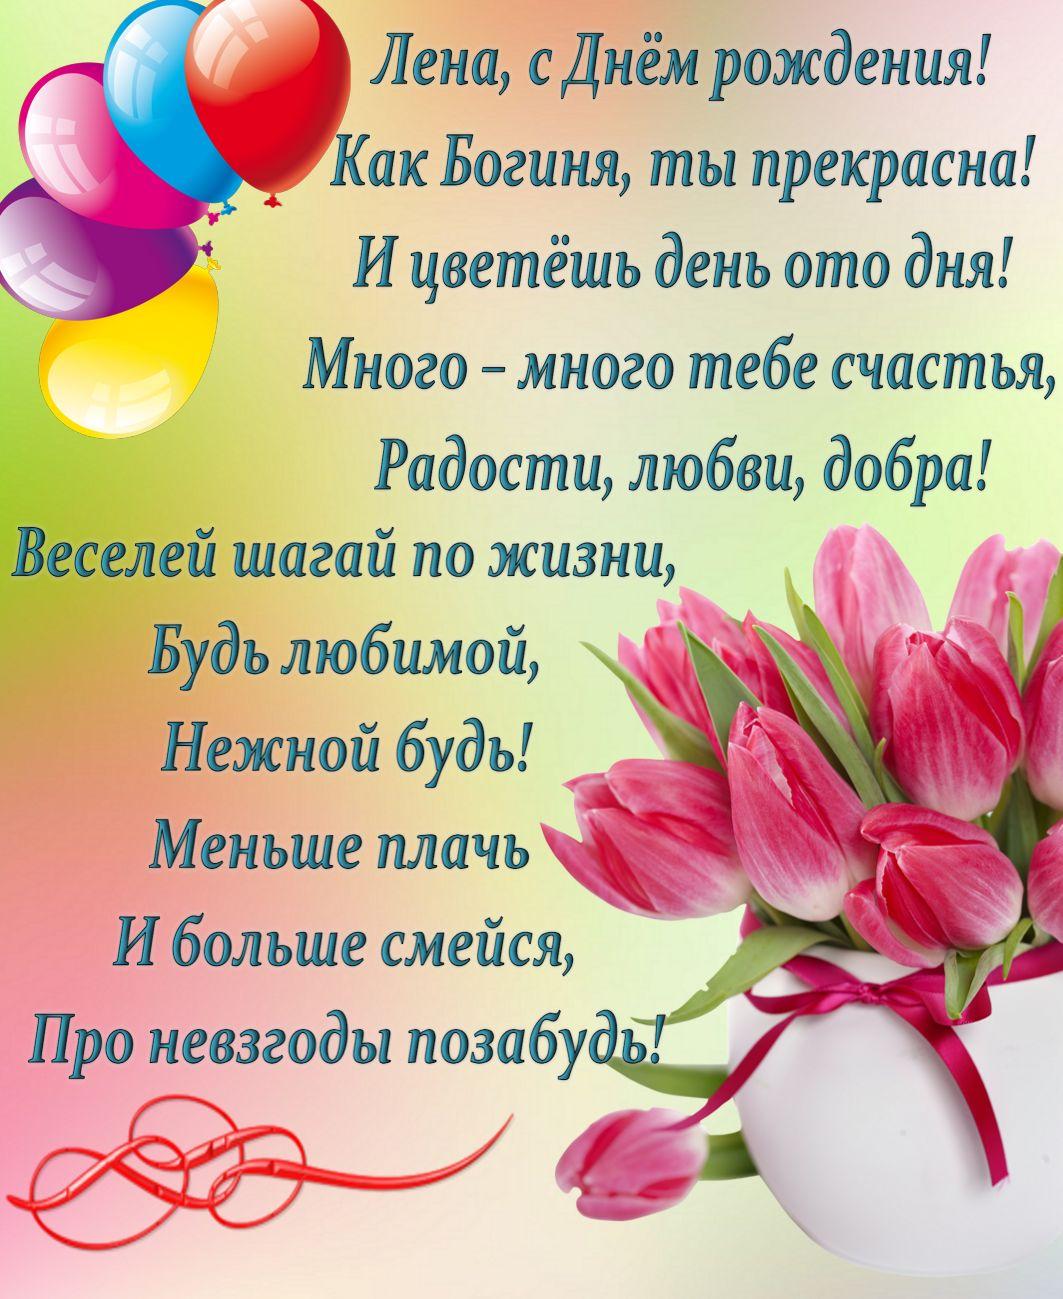 Картинки поздравления лене с днем рождения